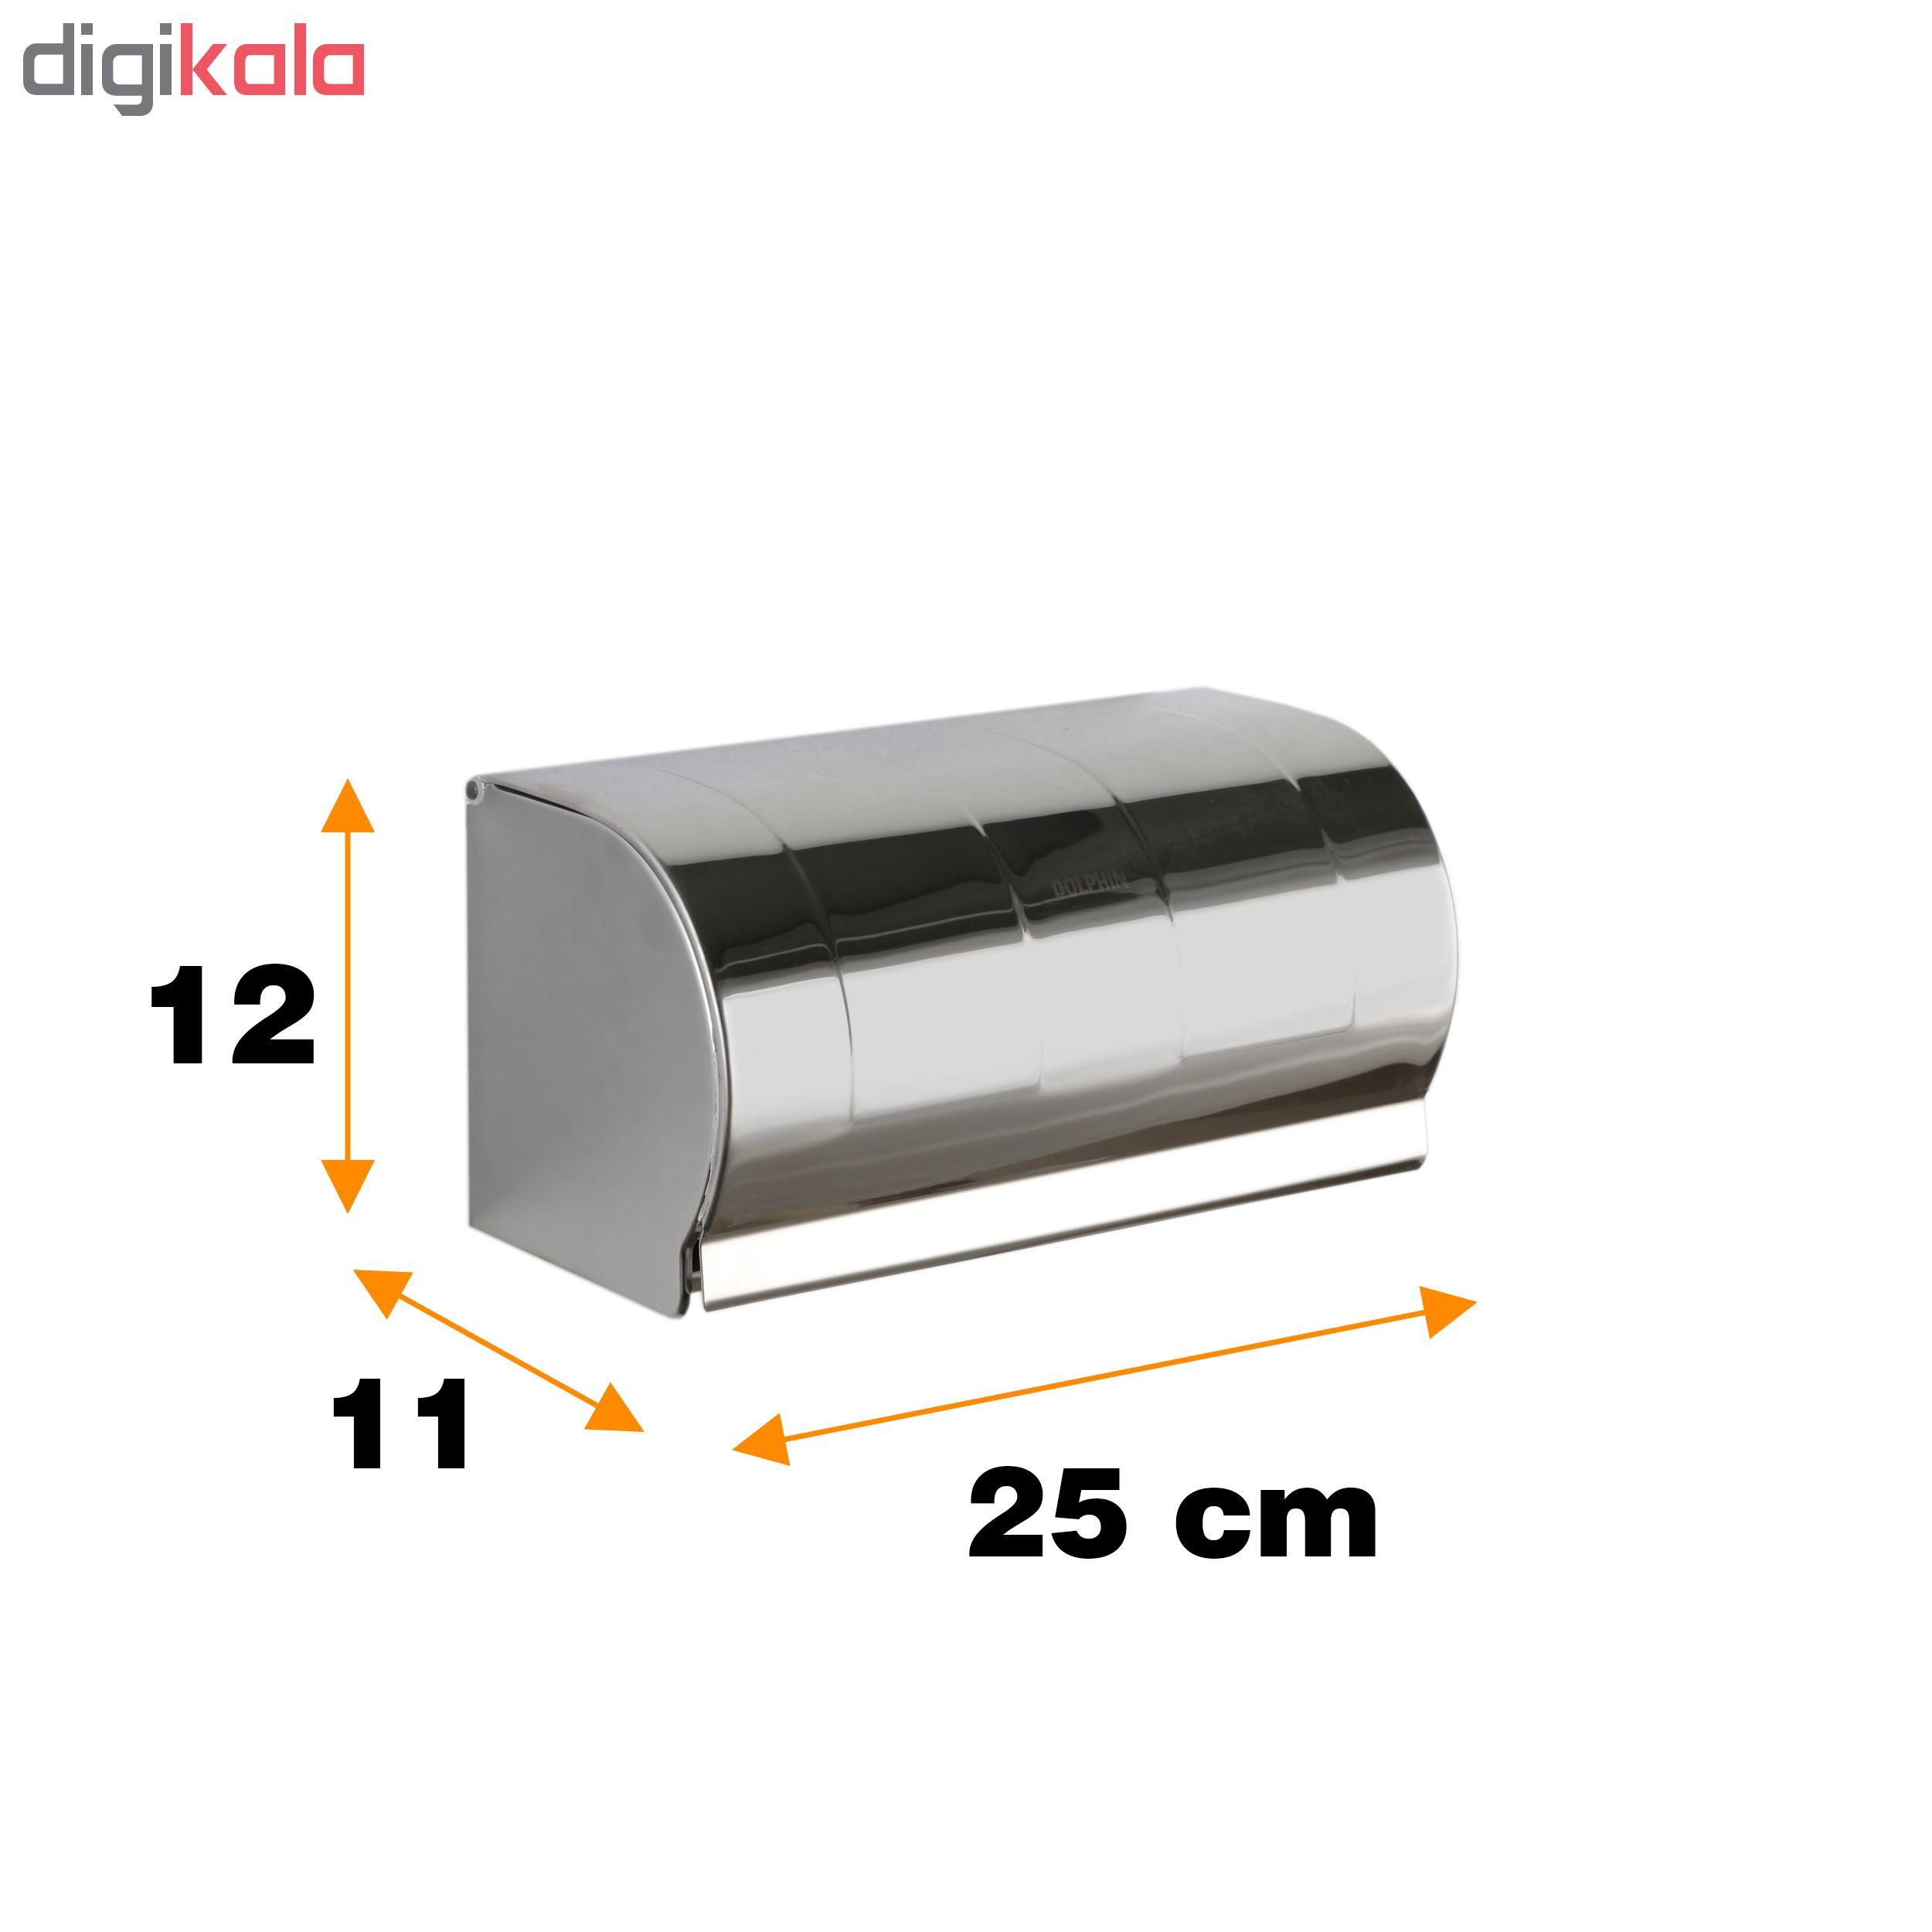 پایه رول دستمال کاغذی دلفین مدل K18-C main 1 2